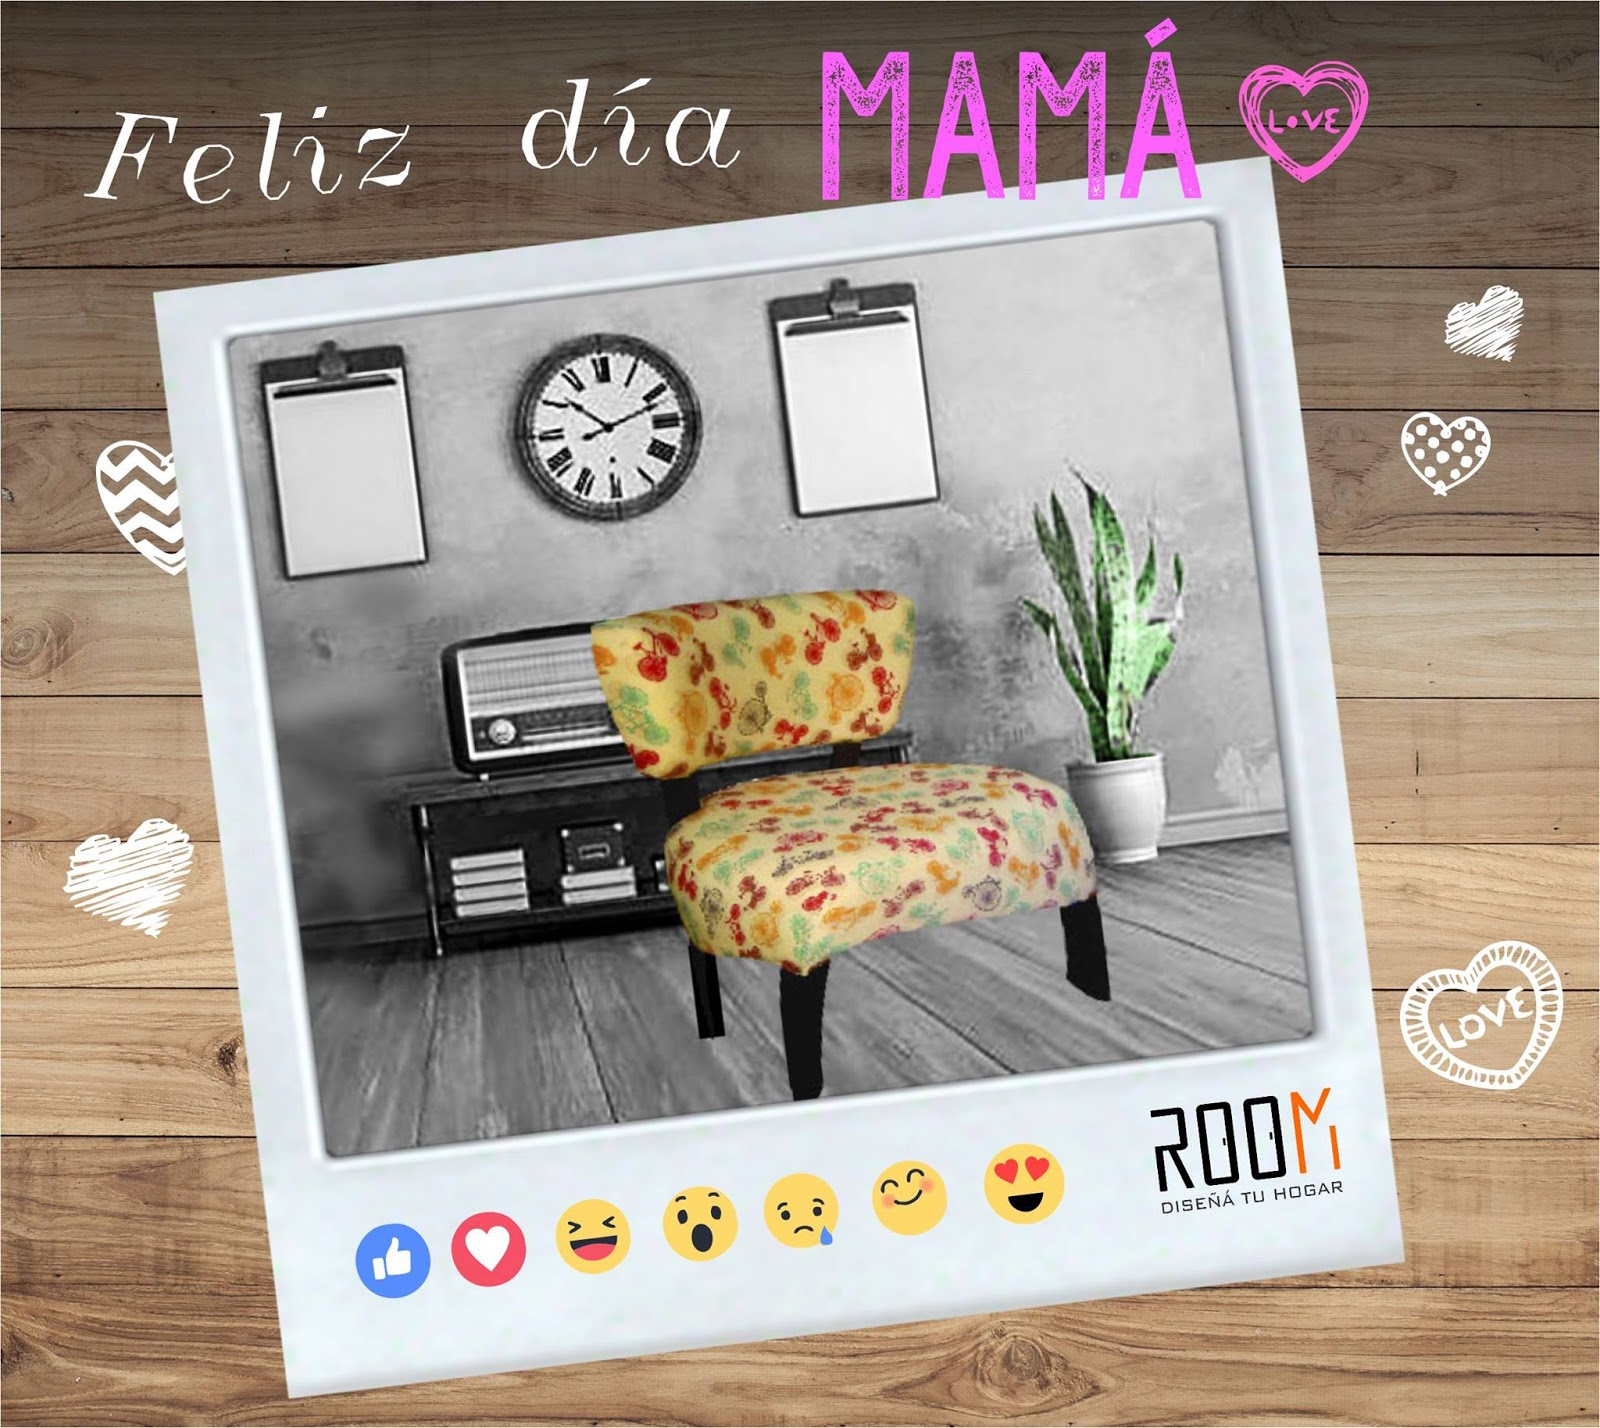 Room dise a tu hogar sortea un sill n matero concursos - Disena tu hogar ...